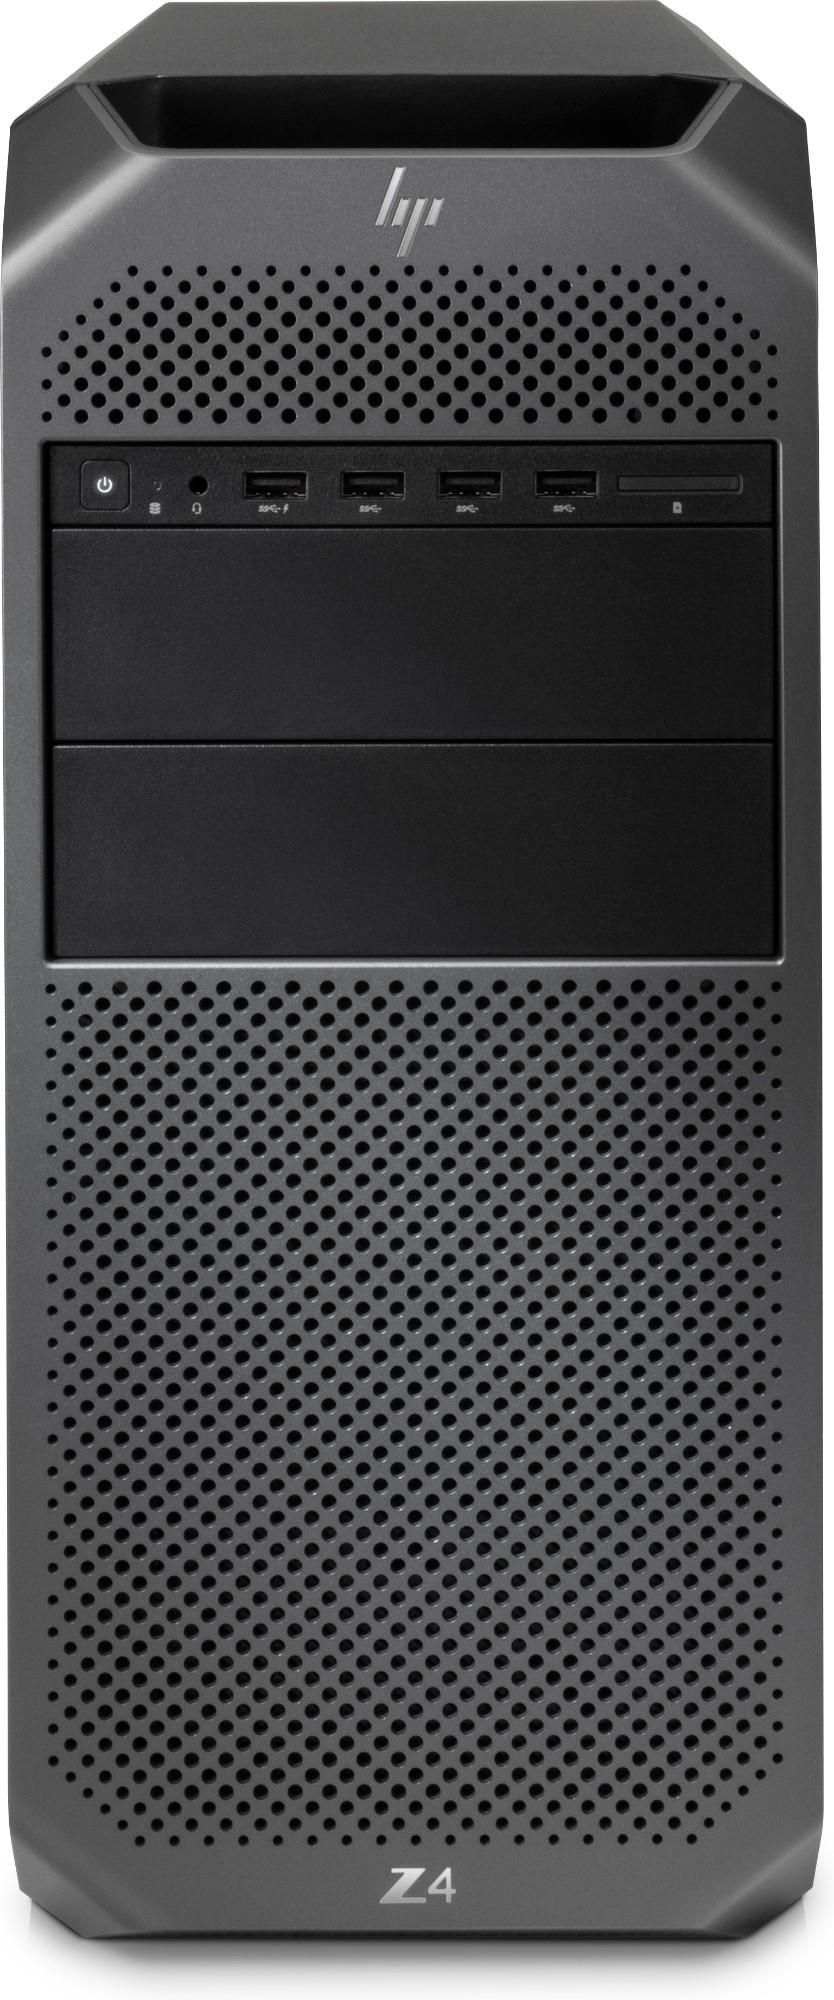 Workstation Z4 G4 MT - W2123 - 16GB RAM - 256GB SSD - Win10 Pro